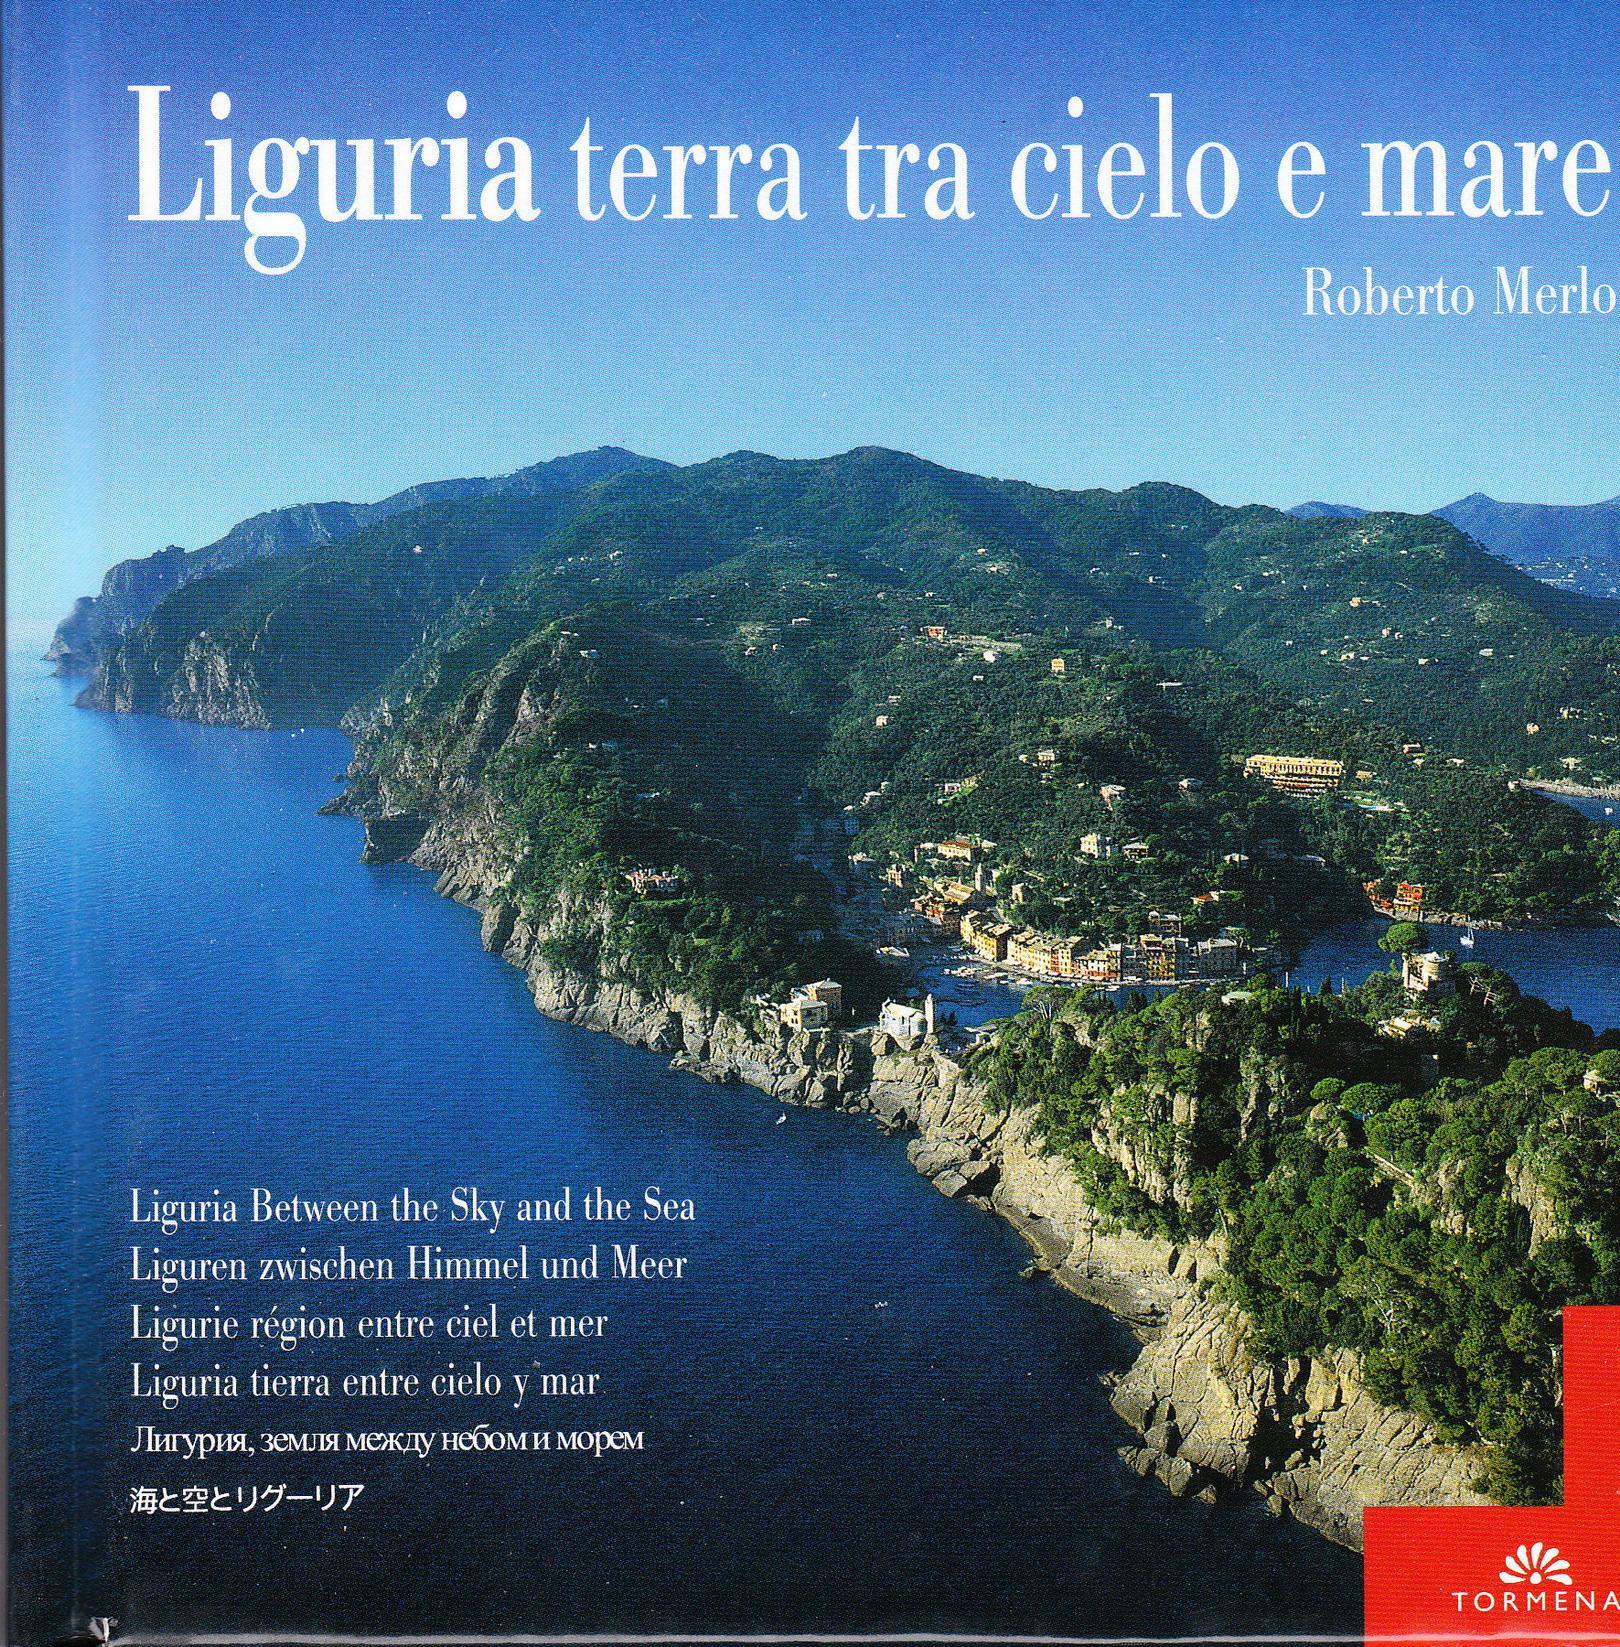 Liguria terra tra cielo e mare